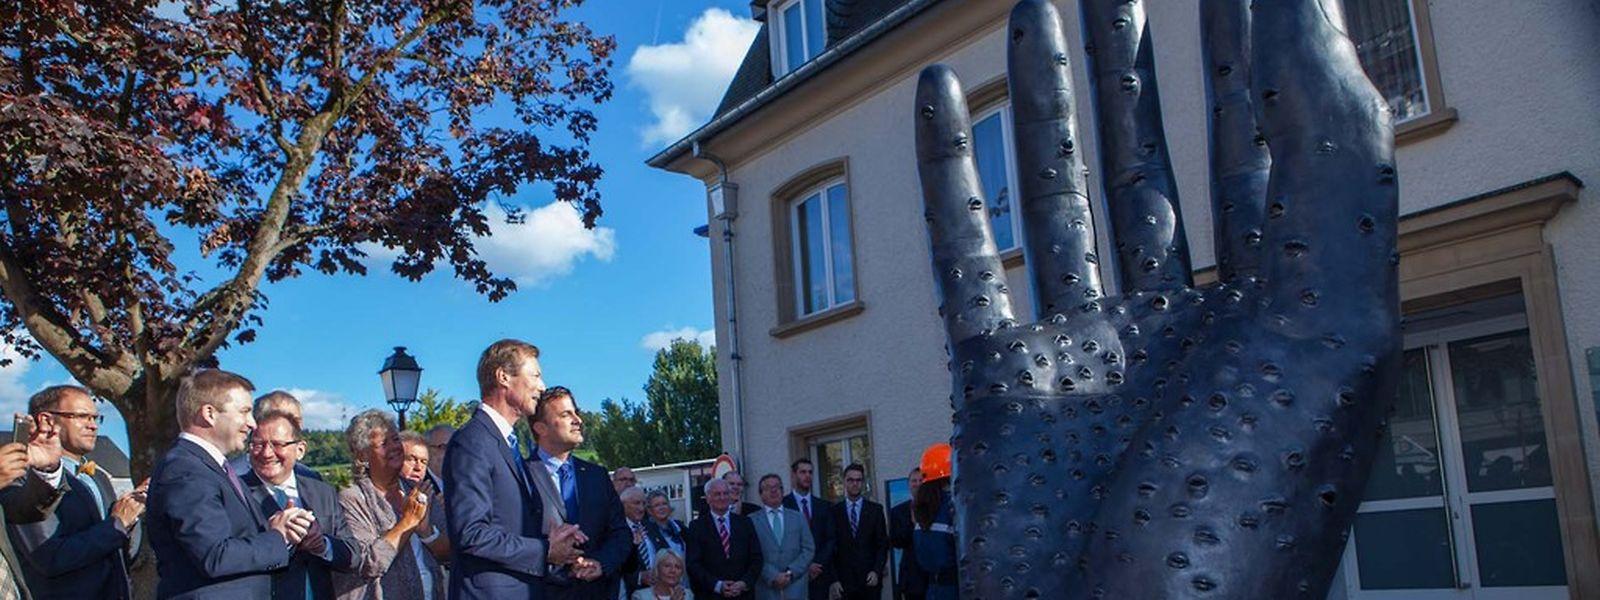 """An der Ettelbrücker Place Marie-Thérèse erinnert die 3,30 Meter hohe """"Heemechtshand"""" fortan an die Botschaft der Luxemburger Nationalhymne. (Fotos: Tania Feller)"""